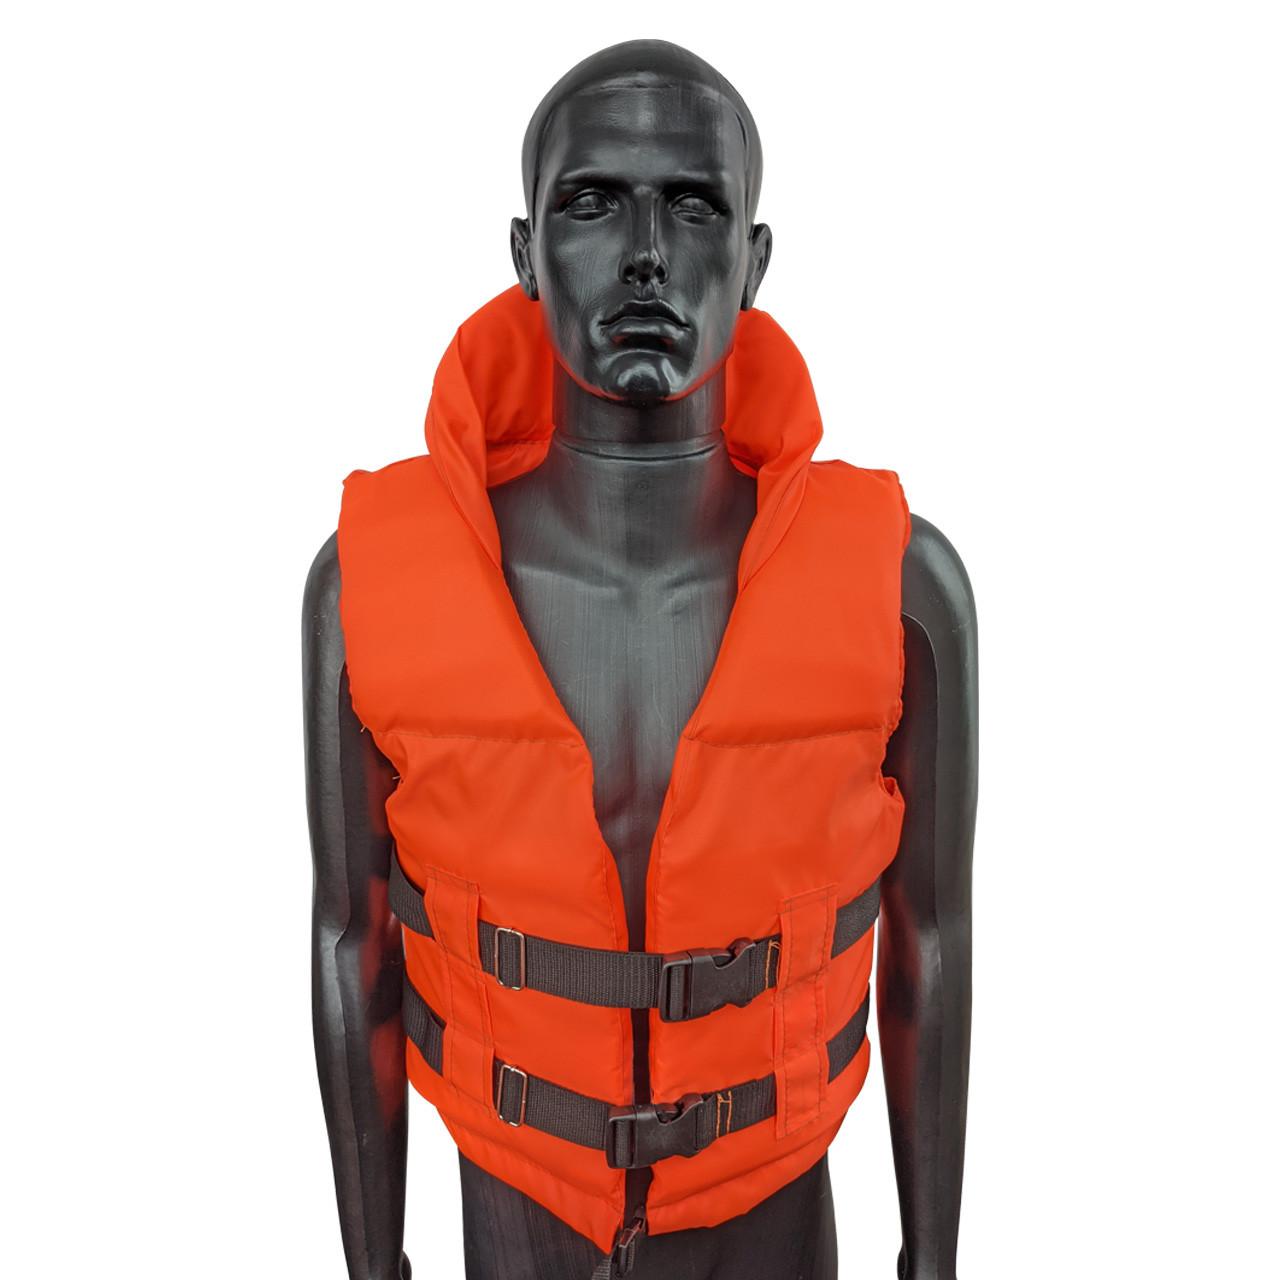 Спасательный жилет Sky-Fish Оранжевый, для взрослого (110-140 кг)